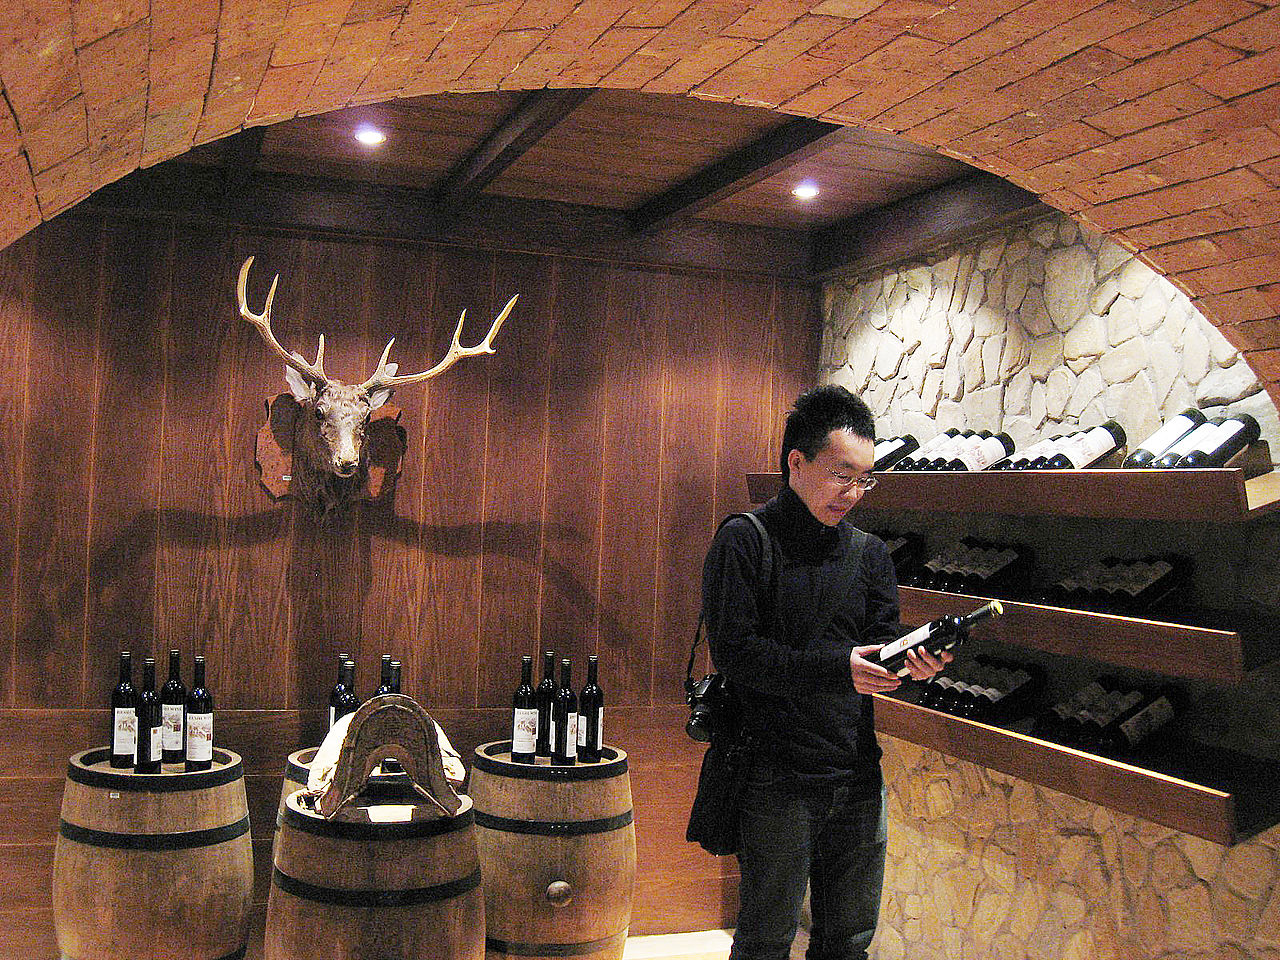 1280px-Wine_cellar_of_Shenzhen.jpg